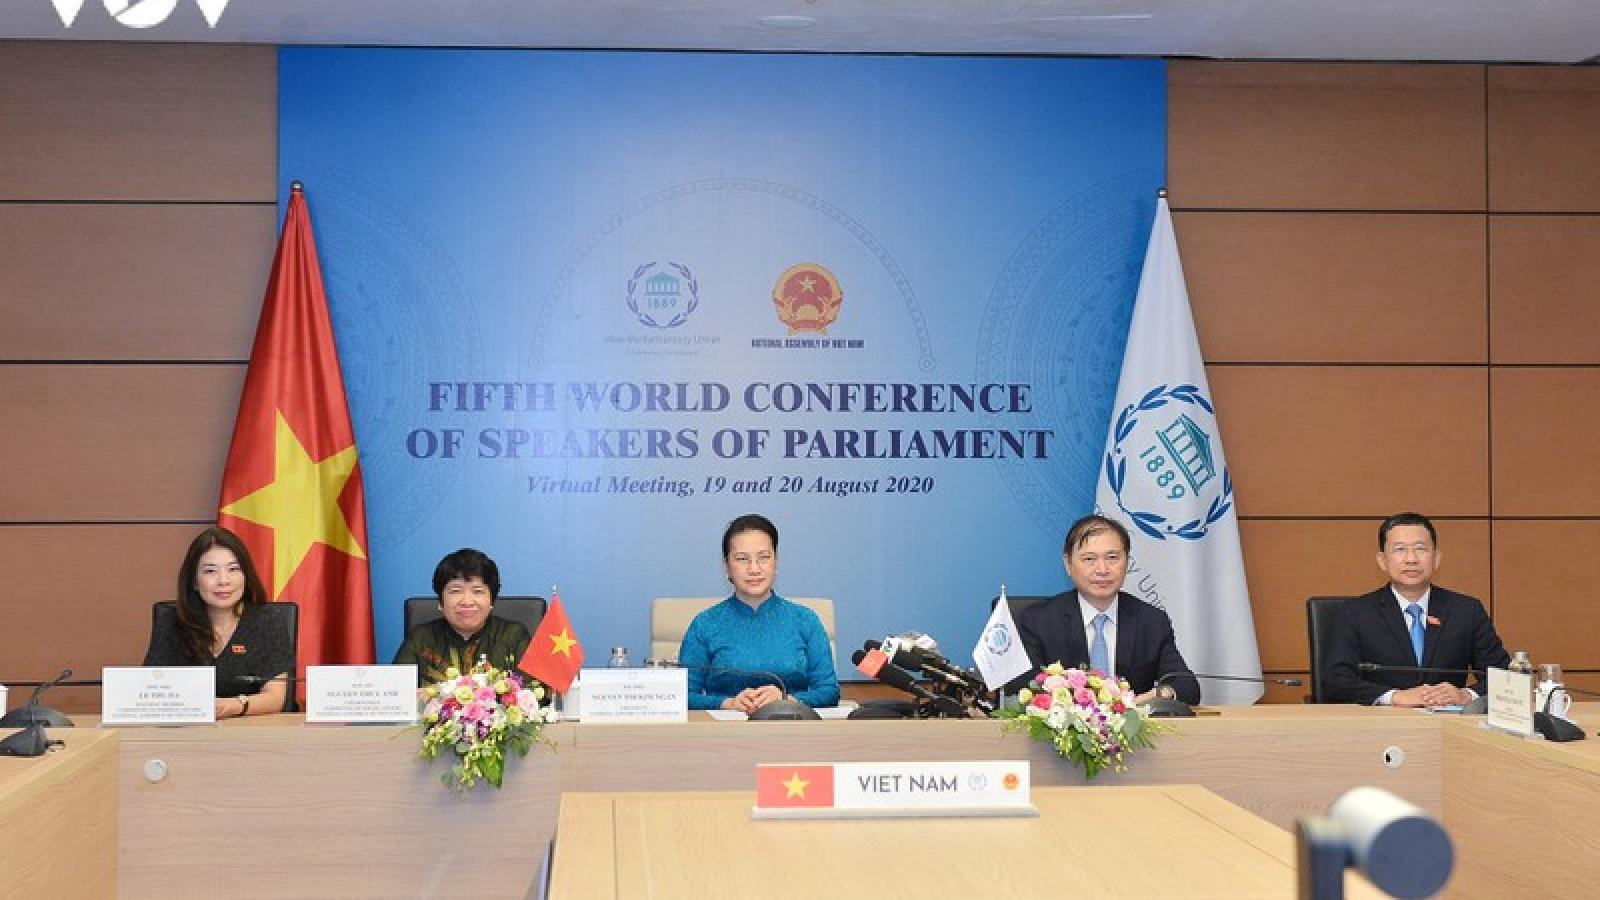 Chủ tịch Quốc hội dự Hội nghị các Chủ tịch Quốc hội Thế giới